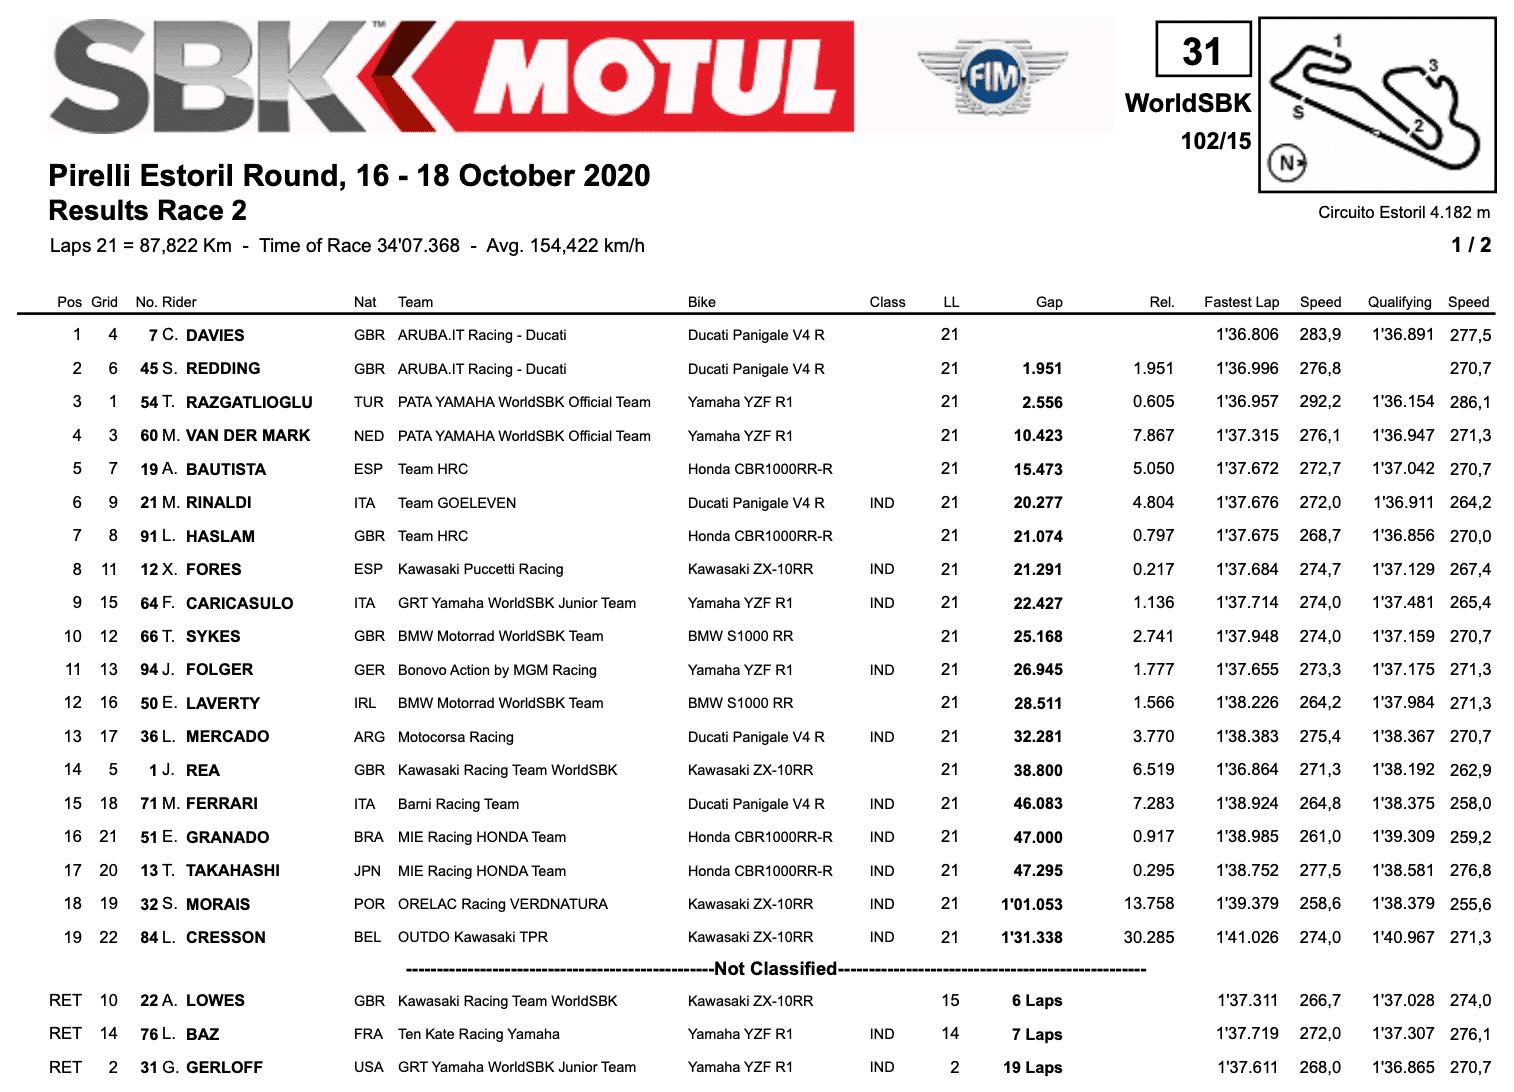 FIM スーパーバイク世界選手権(SBK)エストリル戦 レース2結果